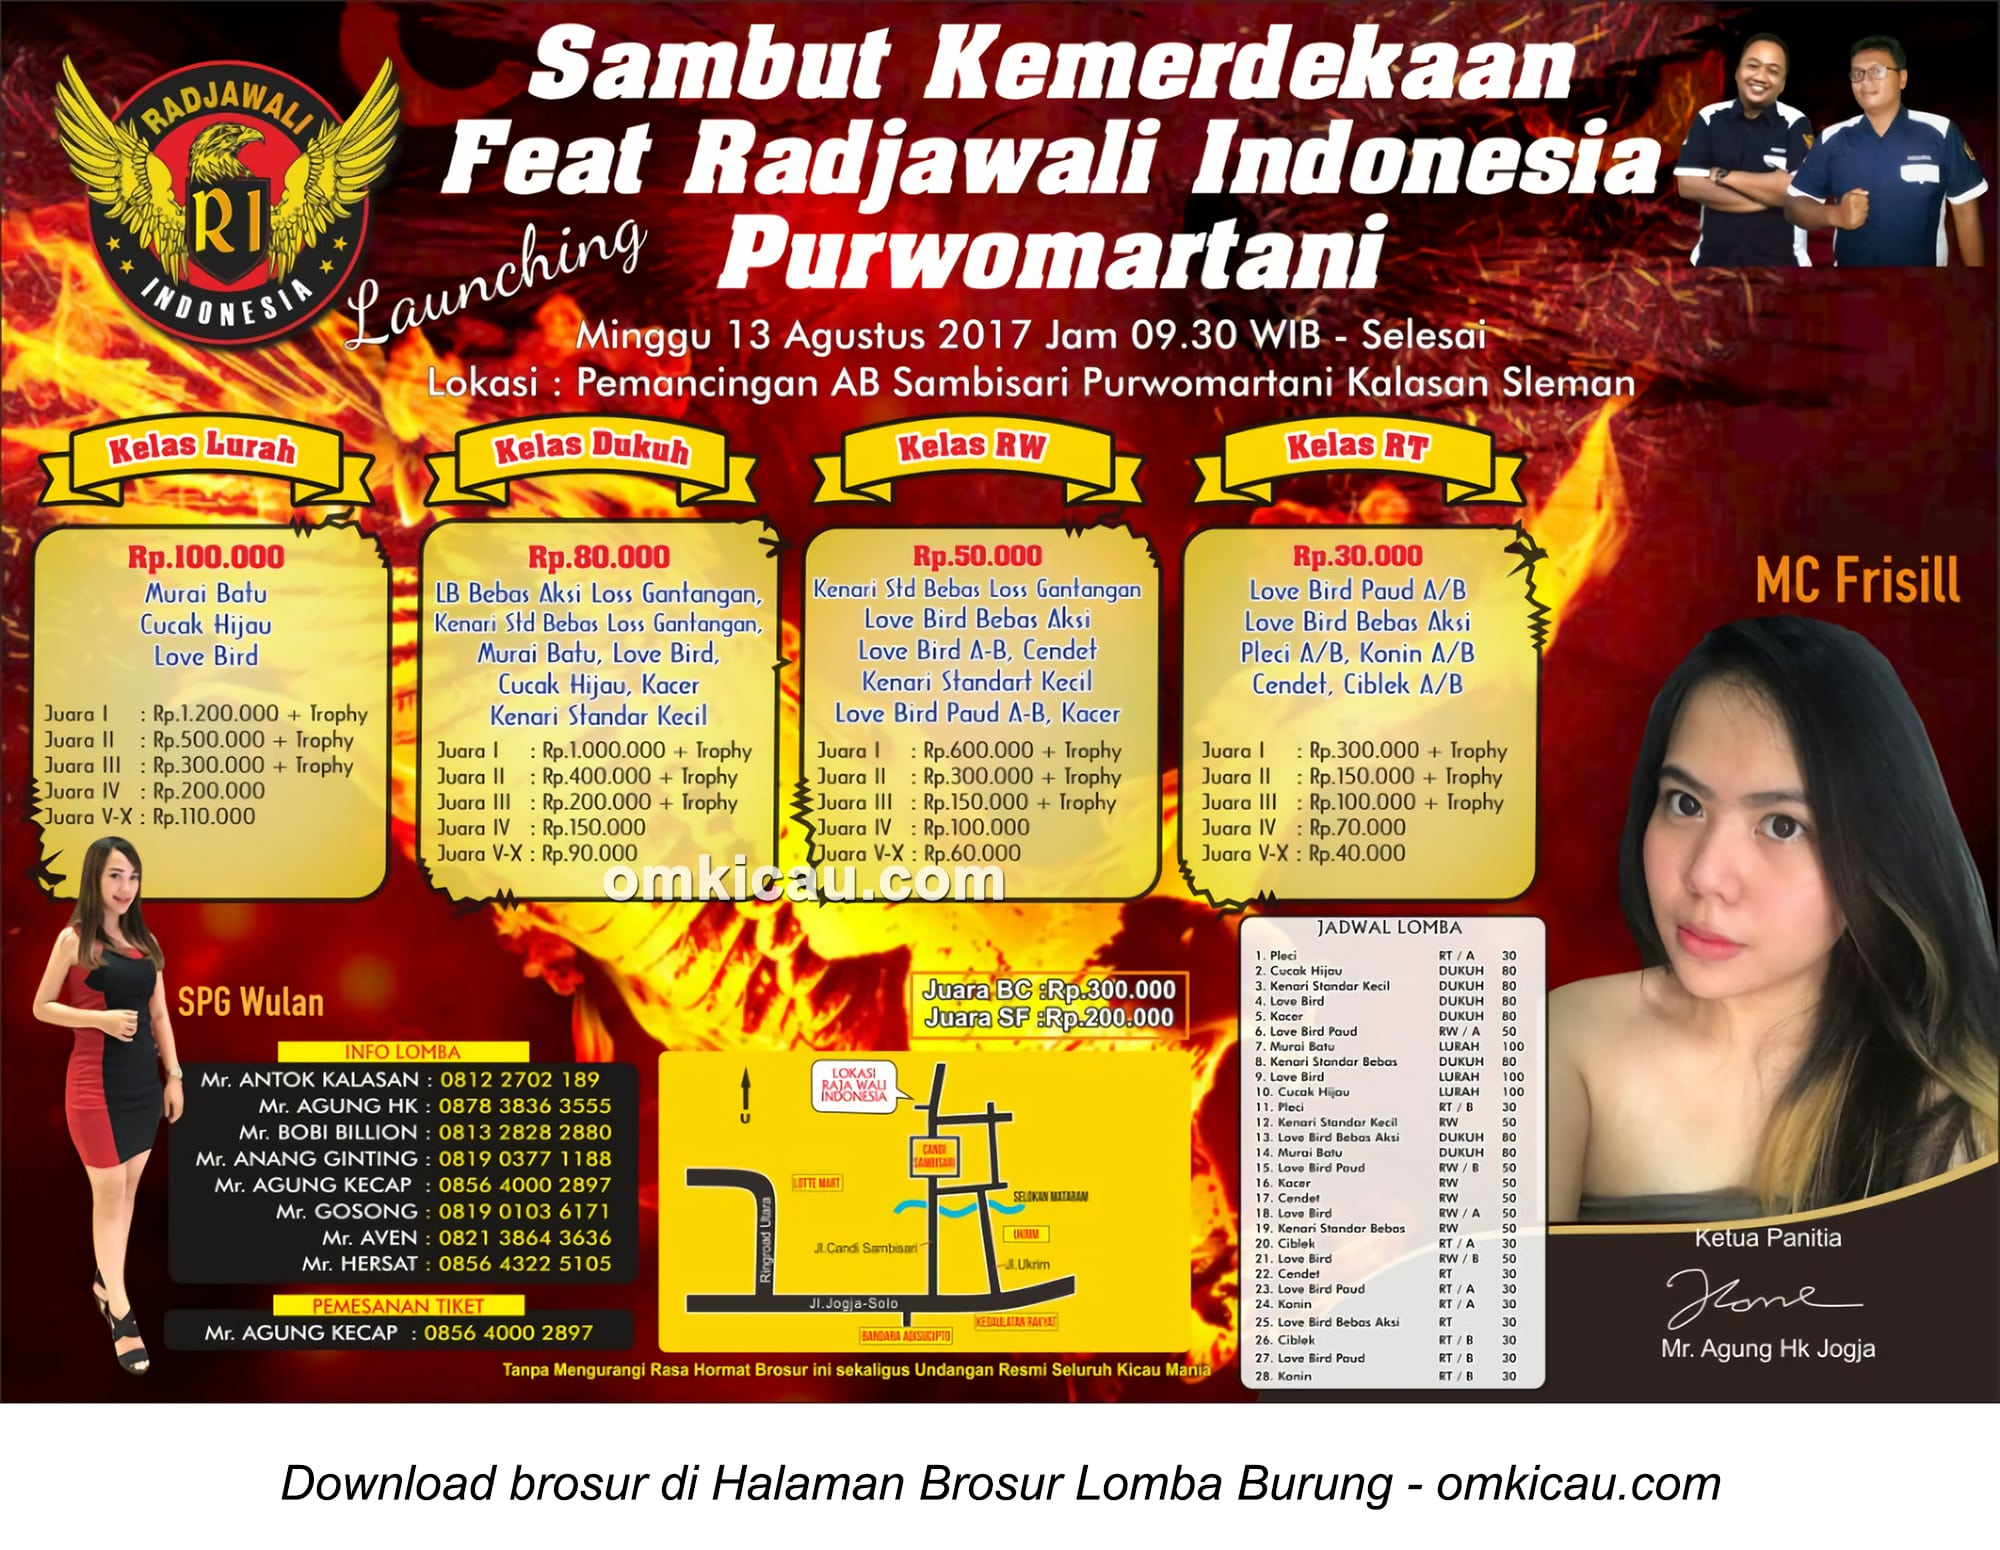 launching ri purwomartani